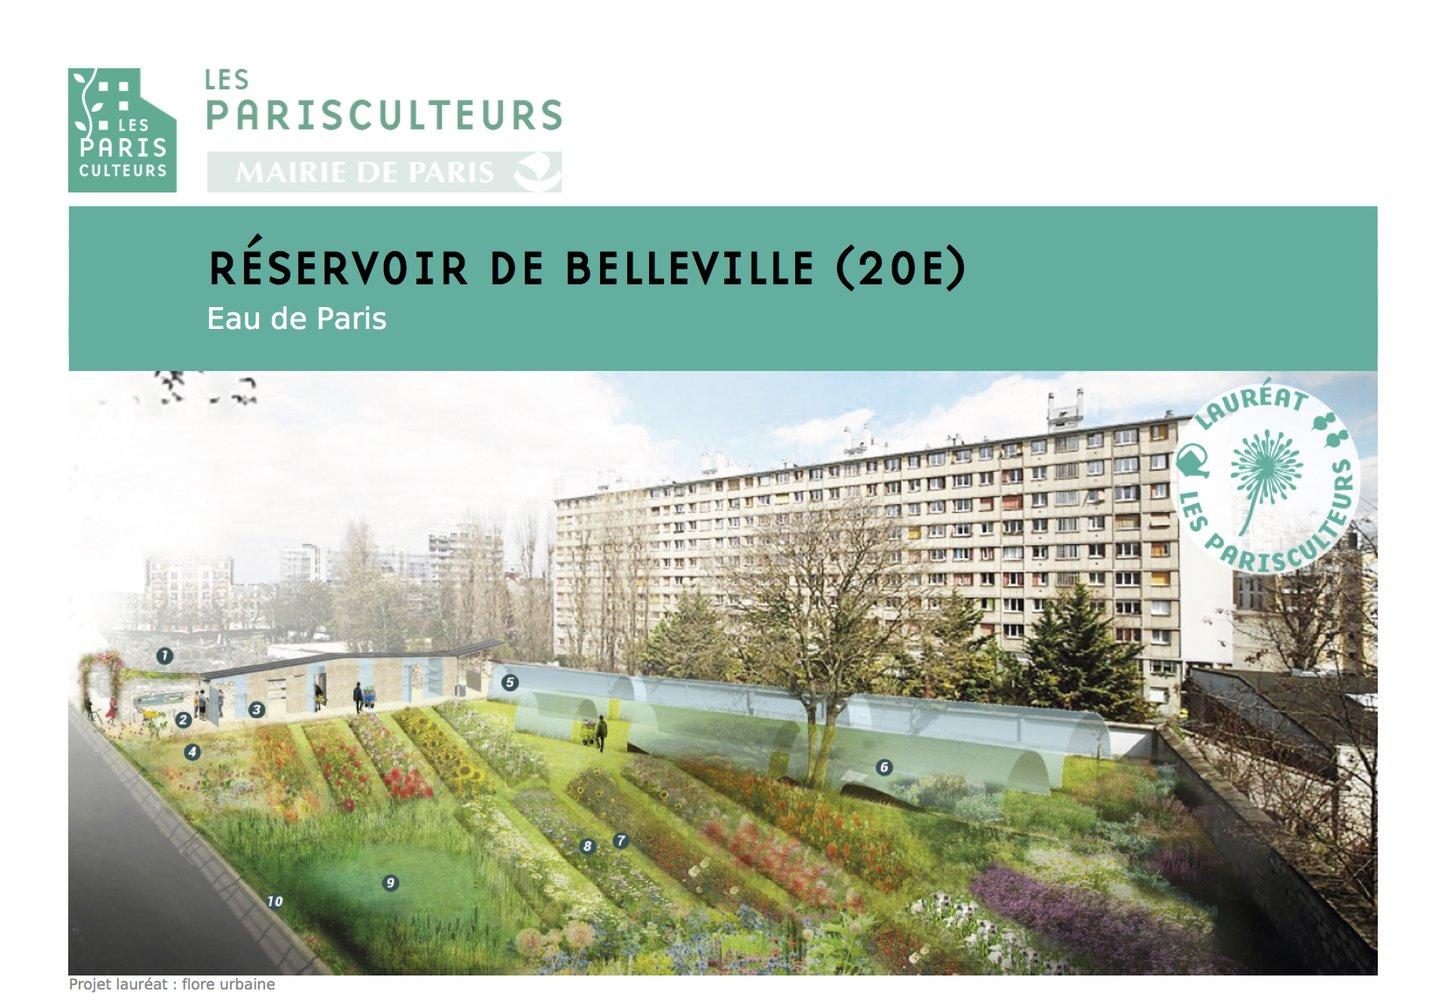 parisculteurs_-_reservoir-de-belleville-20e